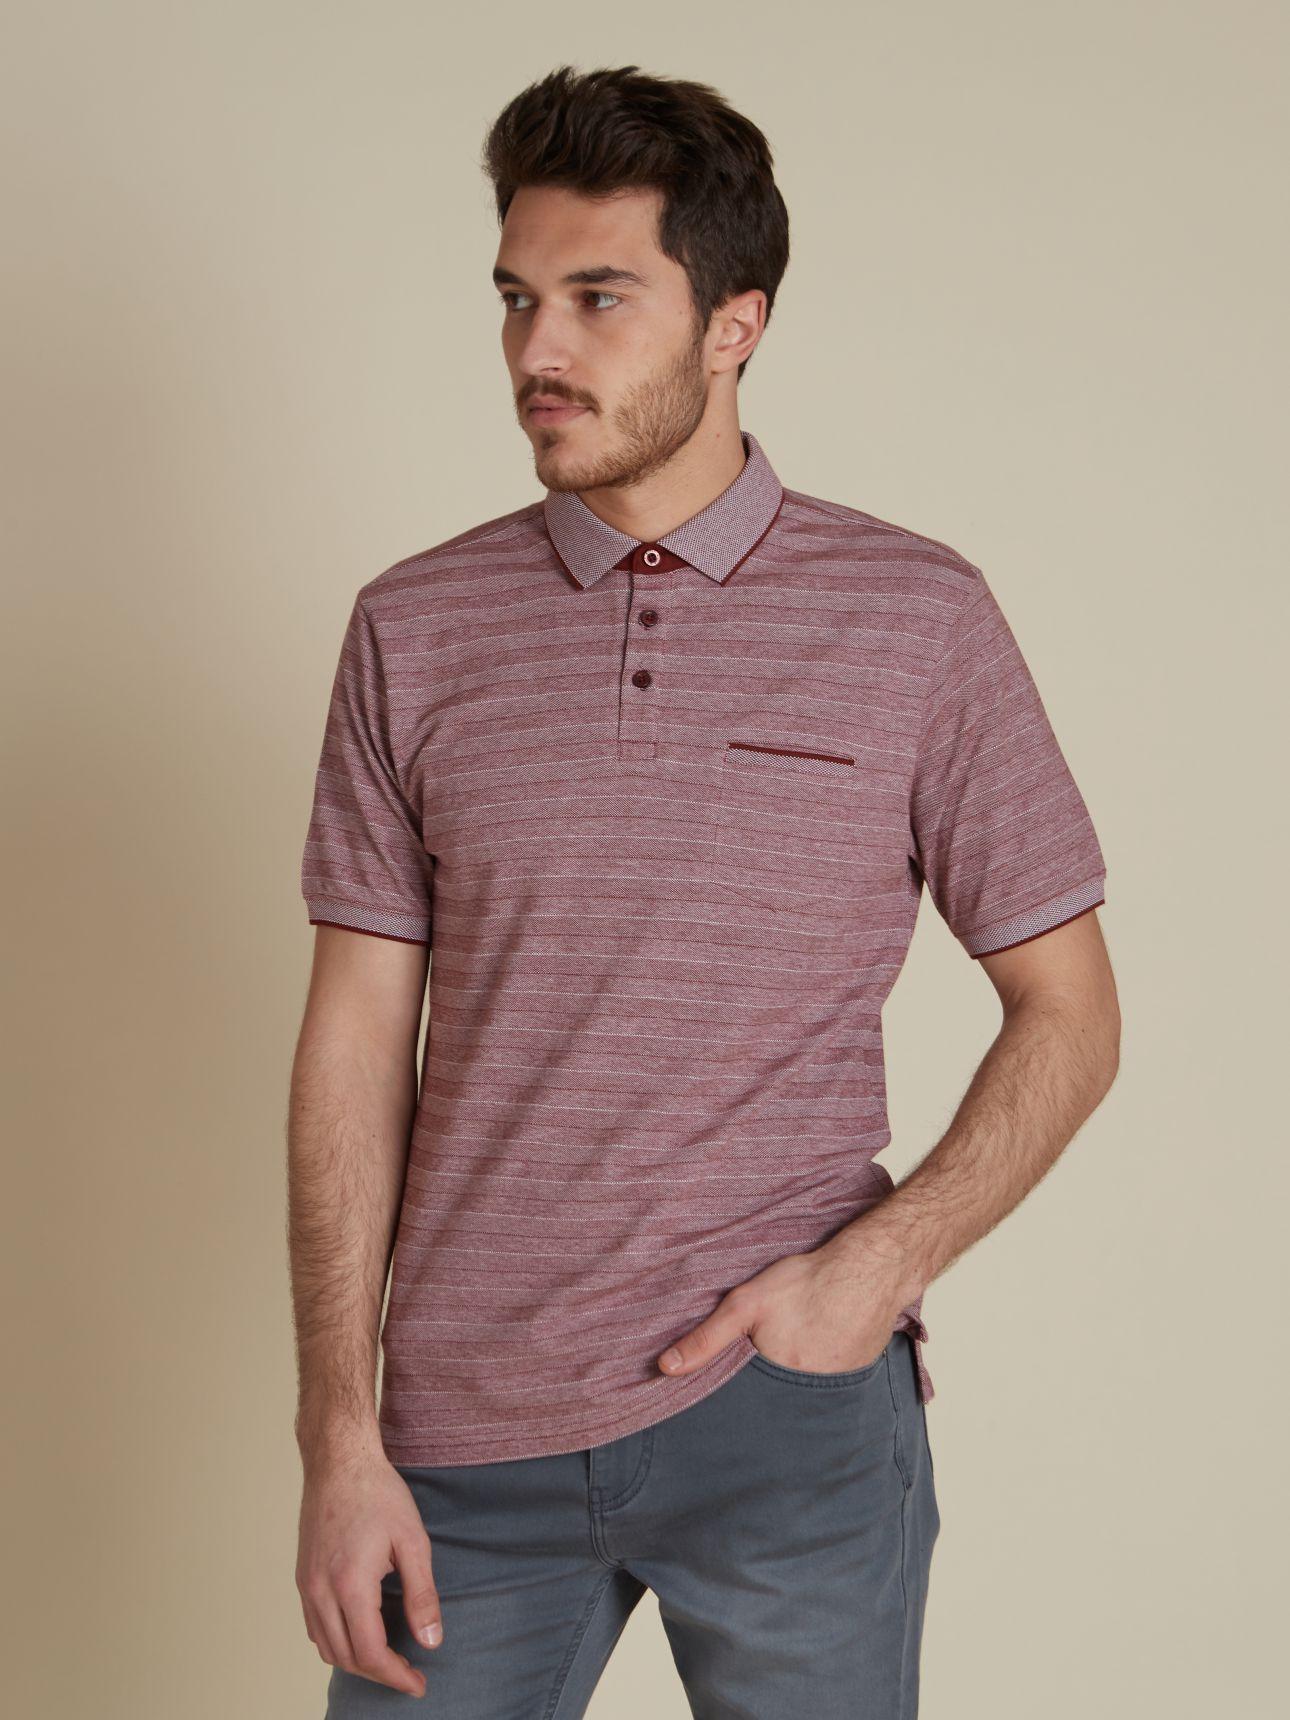 חולצת פולו קצרה עם כיס